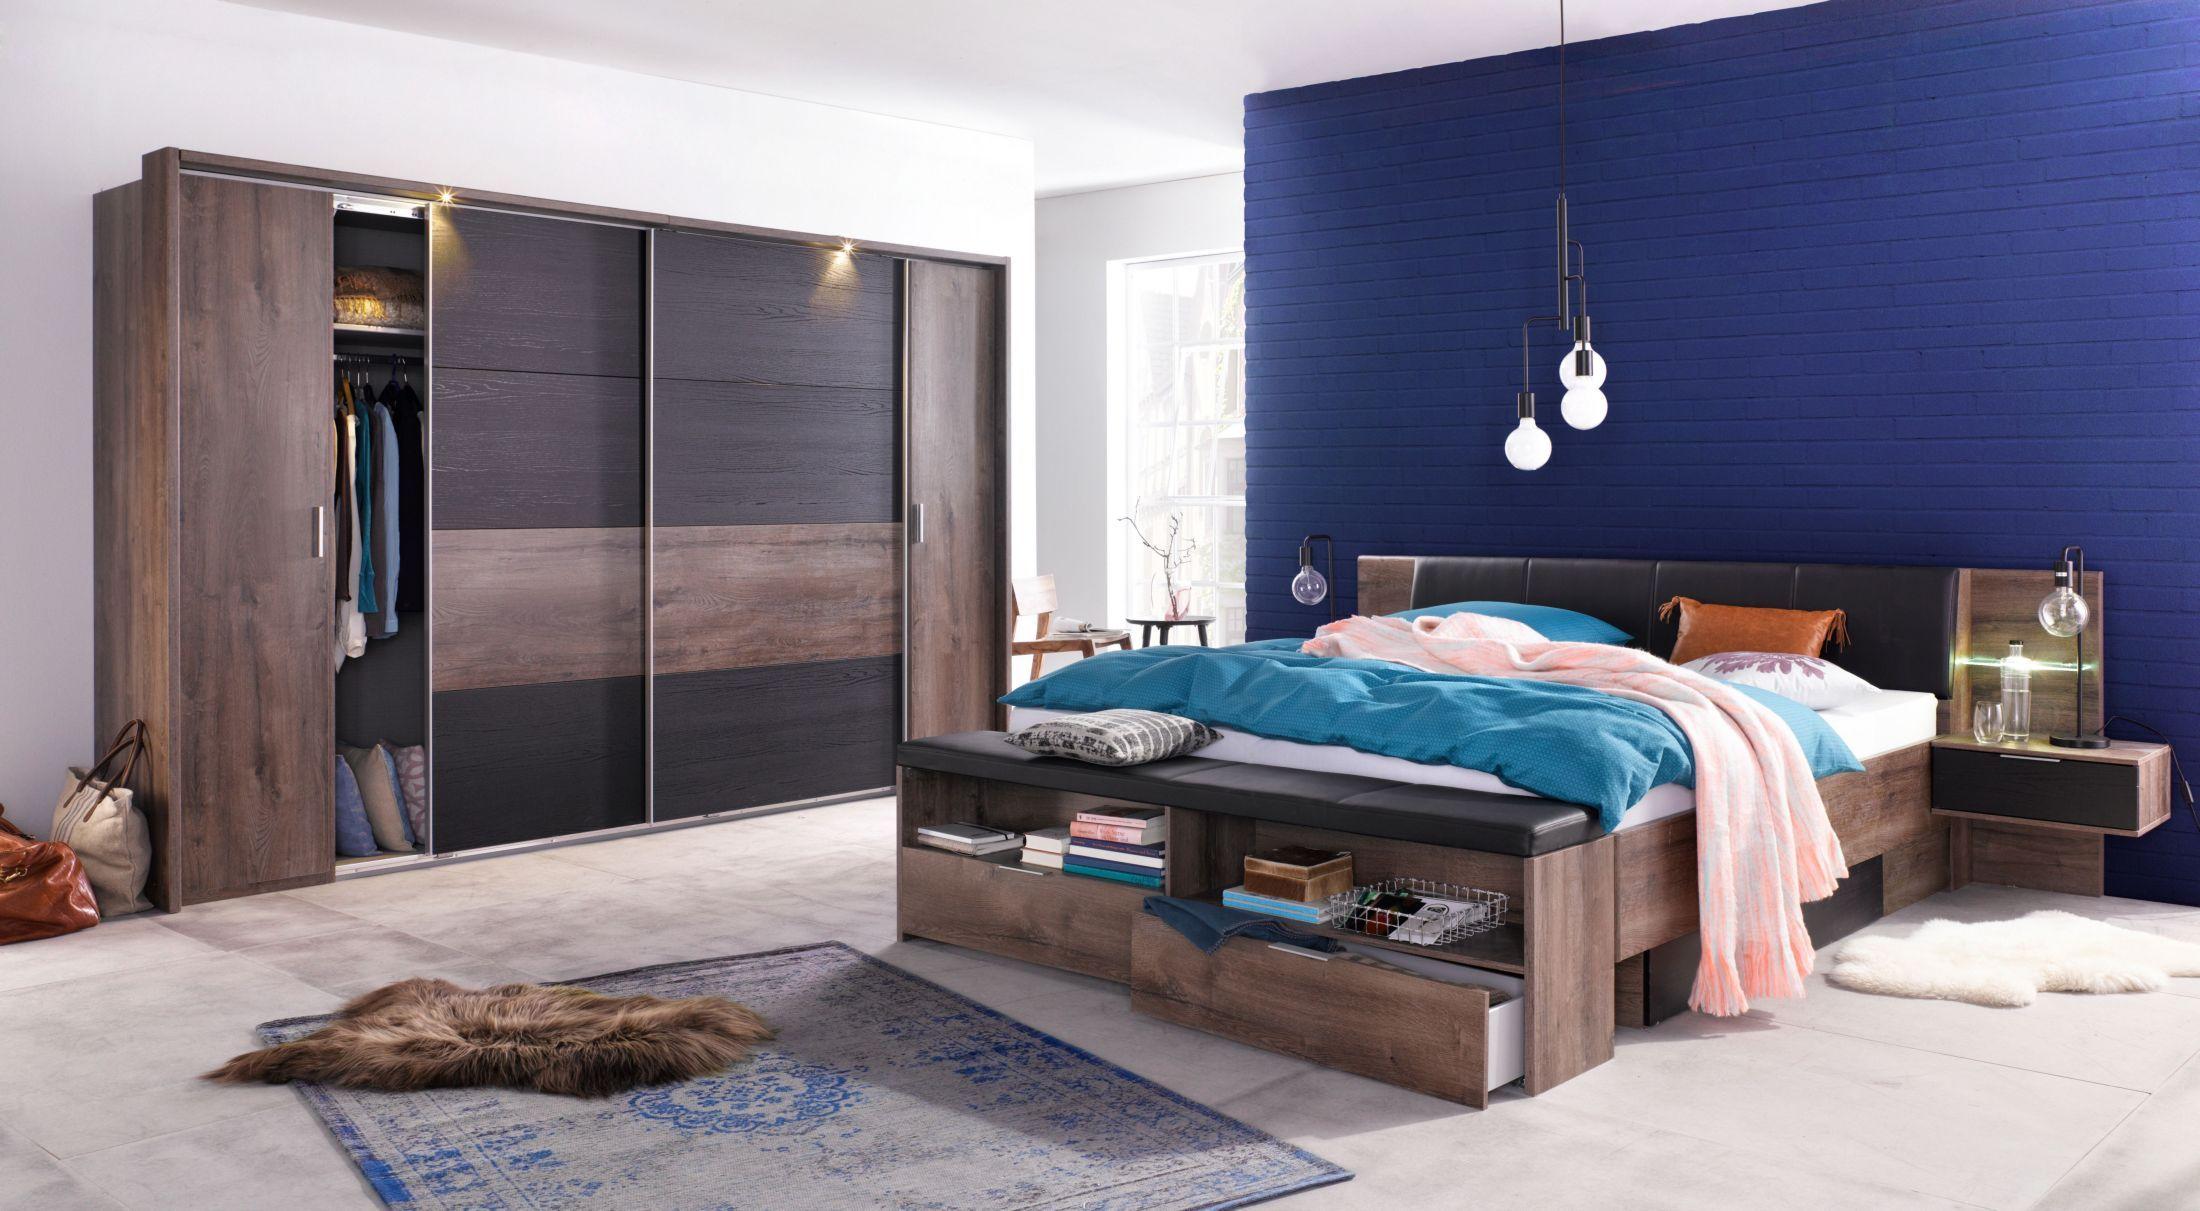 Erle Schlafzimmer ~ Schlafzimmer bestellen haus design ideen